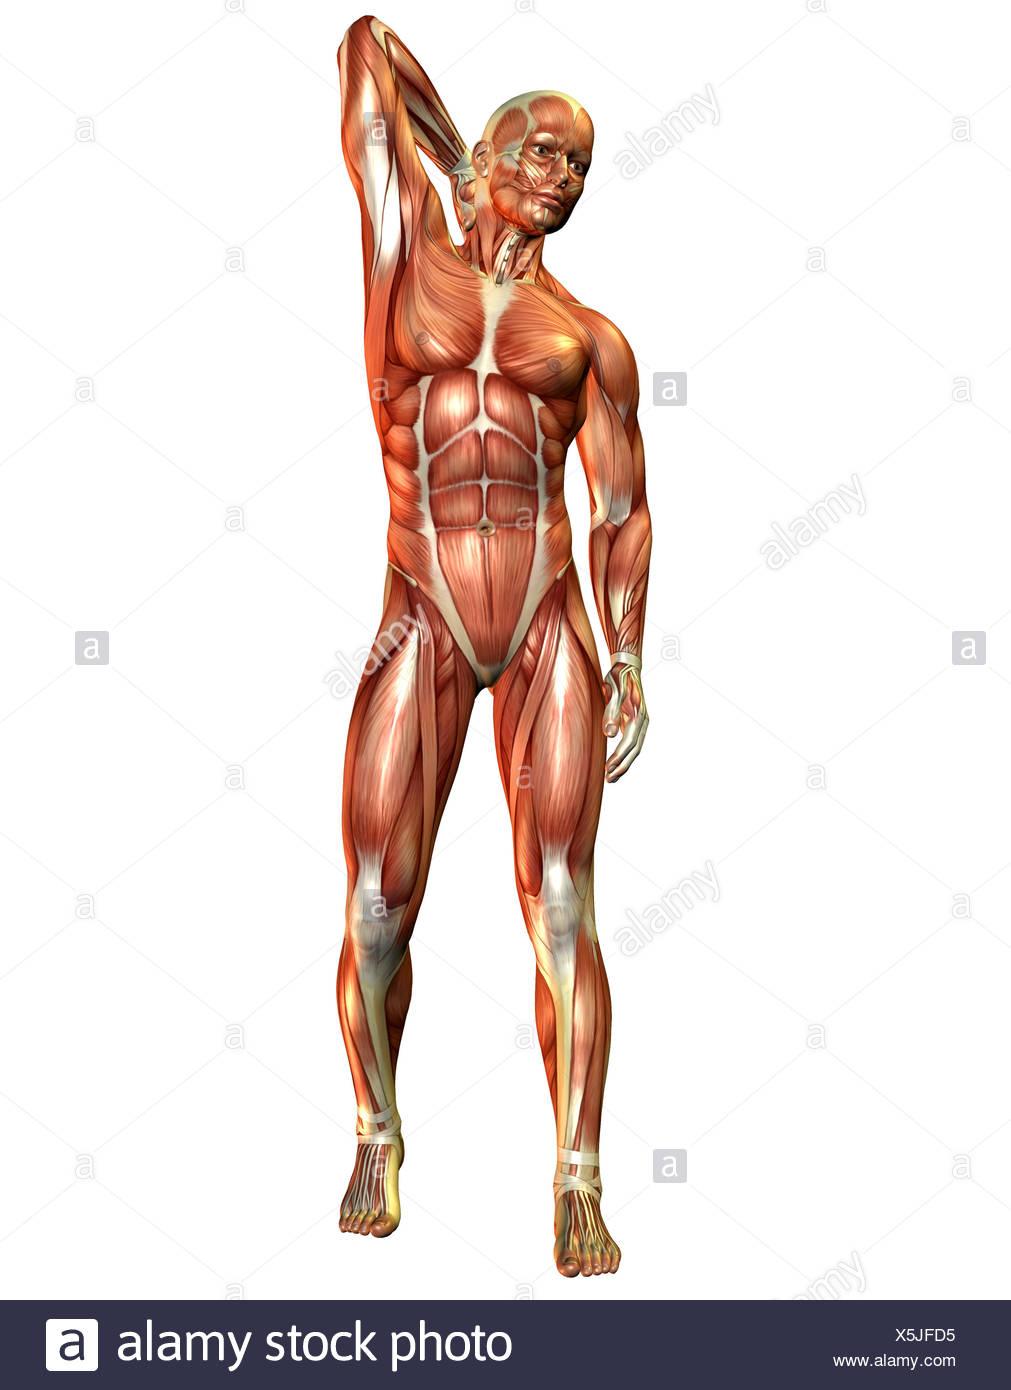 Mann Oberkörper Muskeln Stock Photos & Mann Oberkörper Muskeln Stock ...